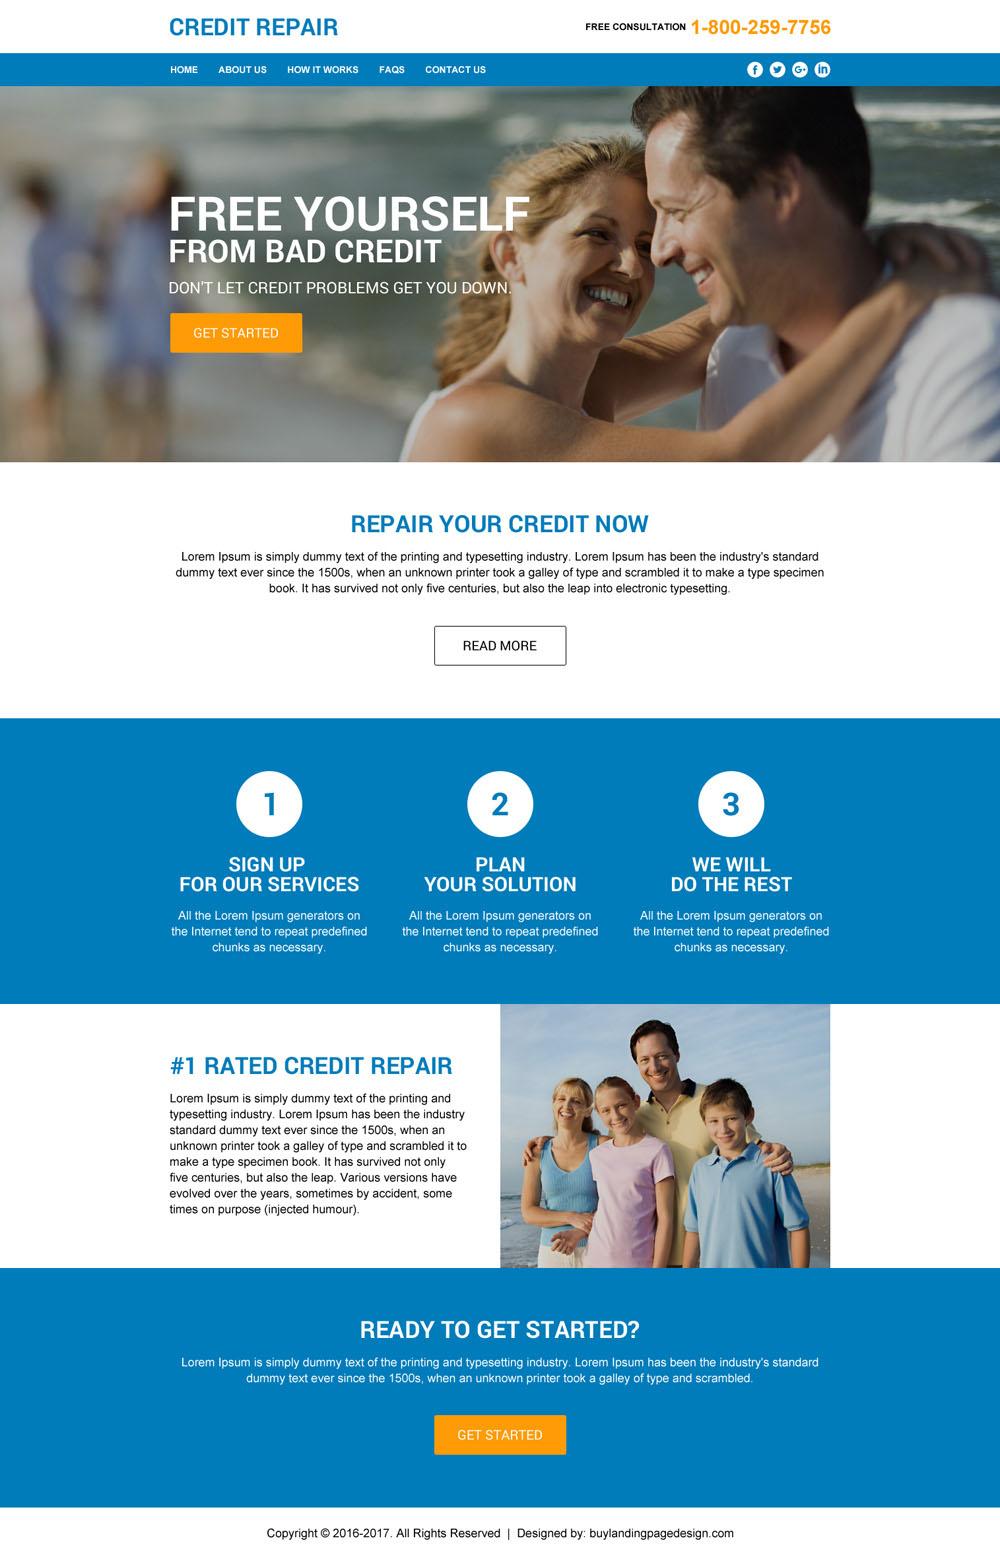 Landing page design 2017 жеребьевка